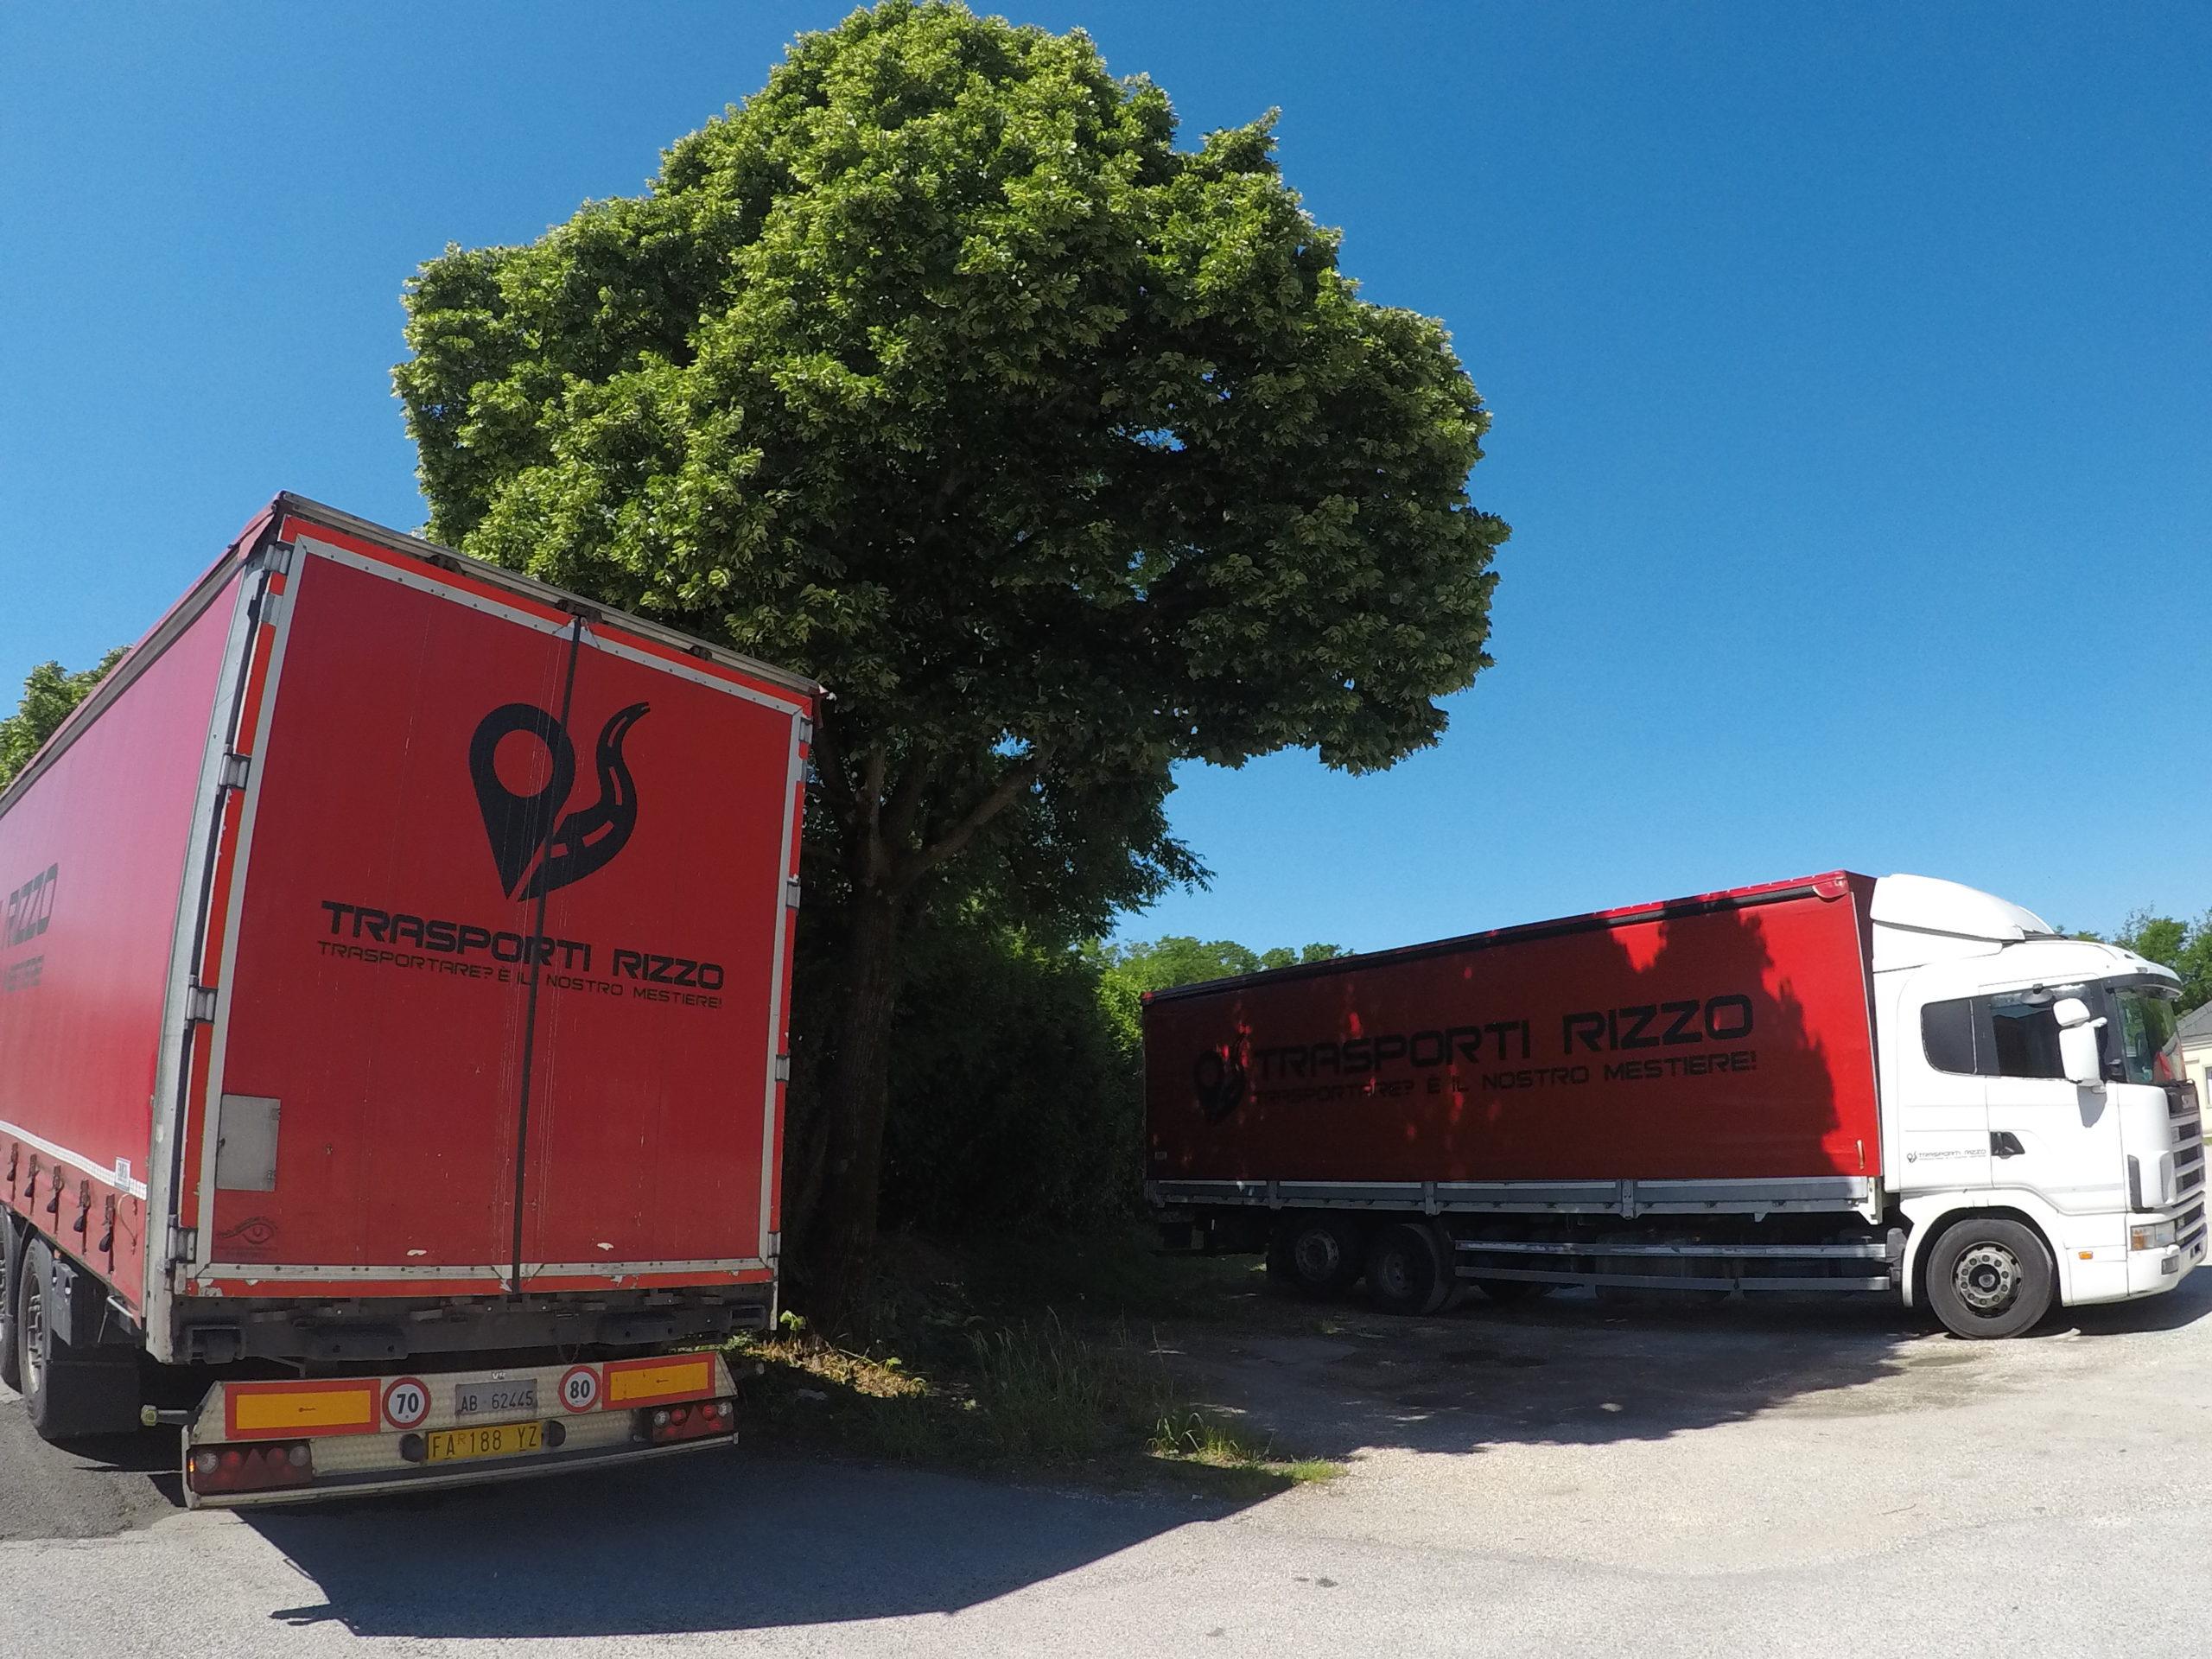 camion Trasporti Rizzo parcheggiati